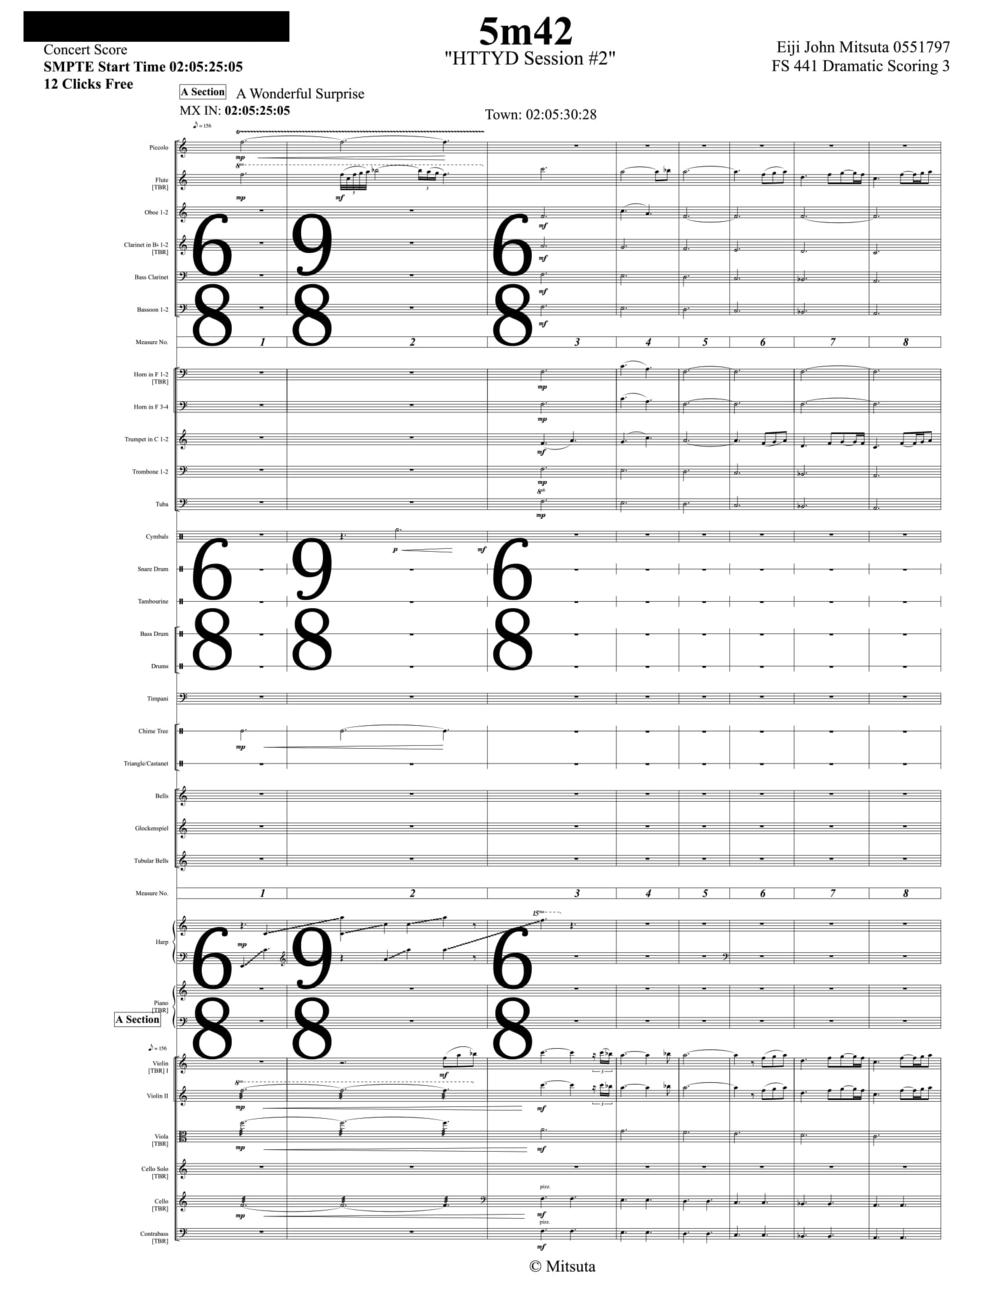 5m42 Full Score-1.jpg